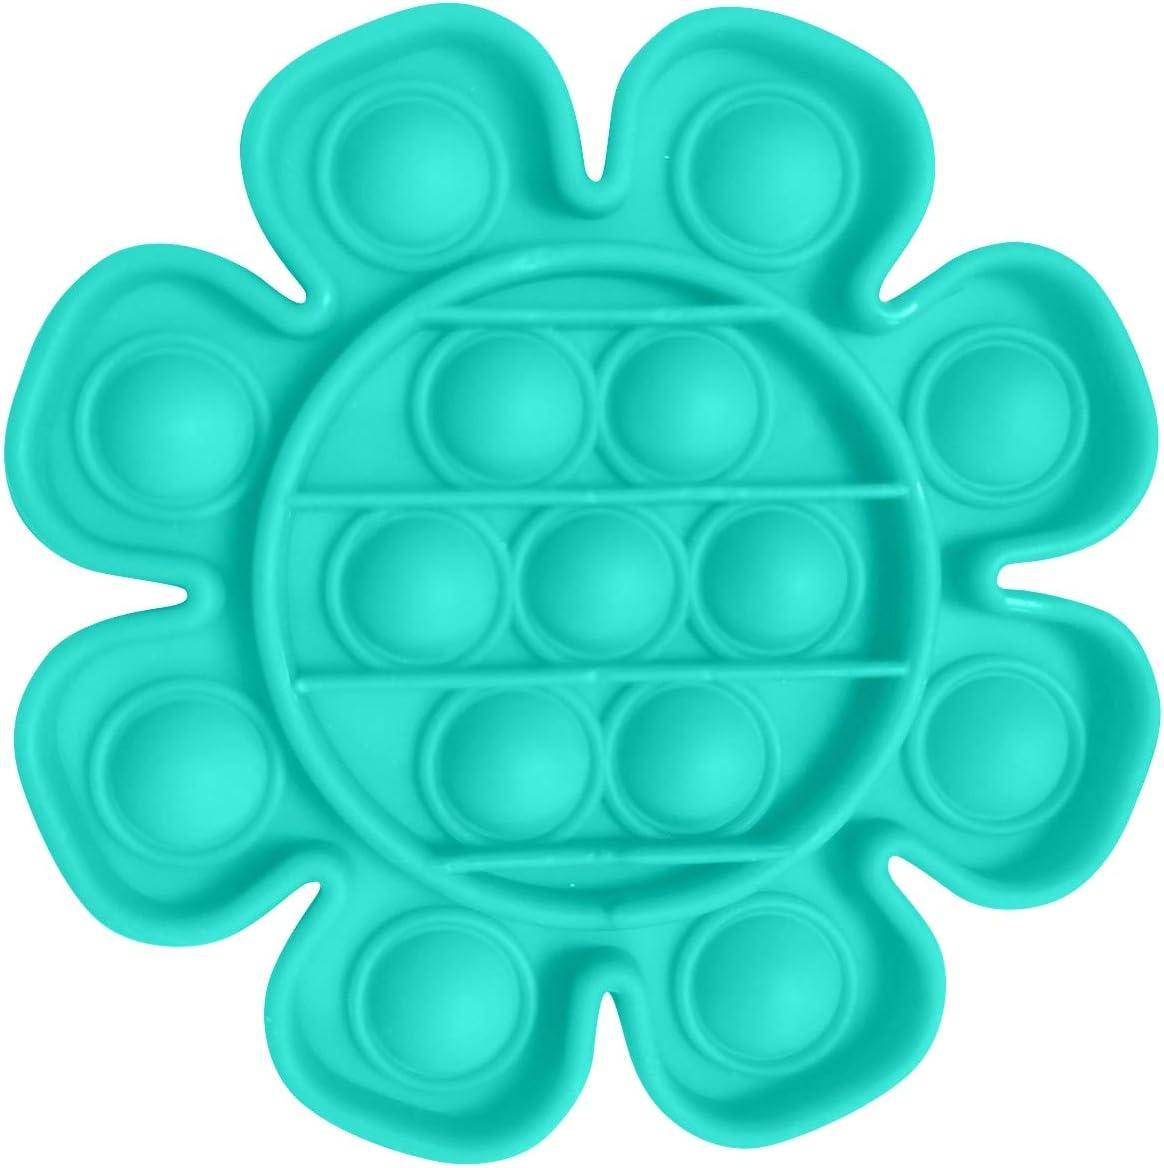 Push Pop Bubble Sensory Fidget Toy Autismo Necesidades Especiales Aliviador de Estr/és Aliviar el Estr/és Exprime Juguete Sensorial